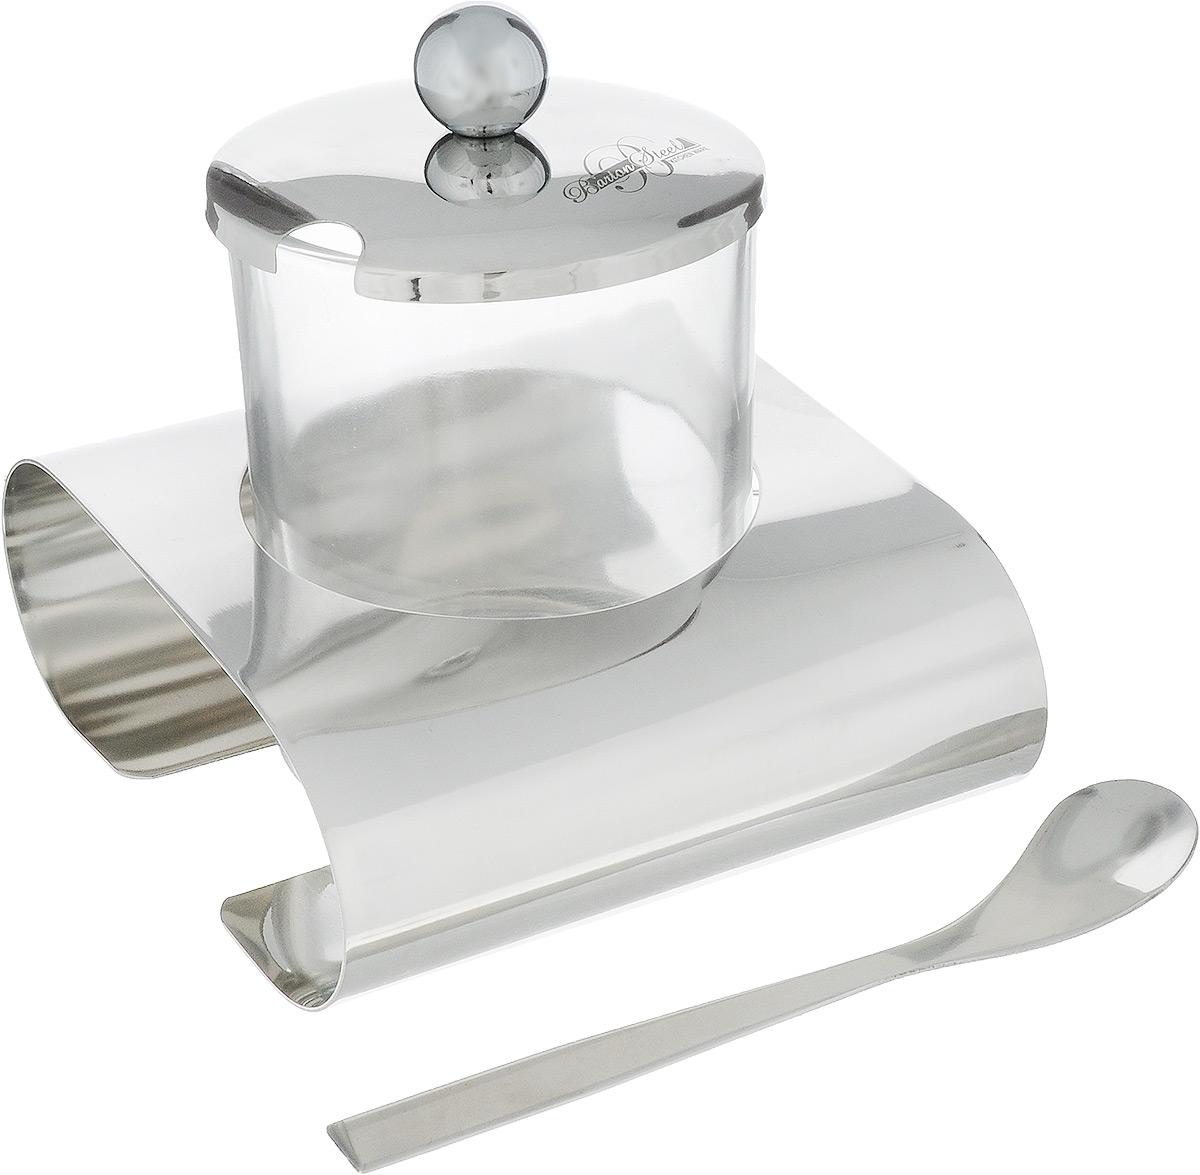 Сахарница BartonStee, с ложкой и подставкой, 200 мл1004BS/NEWСахарница BartonStee изготовлена из высококачественного стекла и нержавеющей стали. Стеклянная емкость устанавливается на специальной подставке. Сахарница закрывается металлической крышкой с выемкой для ложки. К изделию прилагается ложечка. Сахарница BartonStee станет незаменимым атрибутом любого чаепития, праздничного, вечернего или на открытом воздухе, а также подчеркнет ваш изысканный вкус. Диаметр сахарницы (по верхнему краю): 7 см. Диаметр основания сахарницы: 6,2 см. Высота сахарницы (без учета крышки): 8 см. Высота сахарницы (с учетом крышки и подставки): 8,5 см. Длина ложечки: 11,8 см.